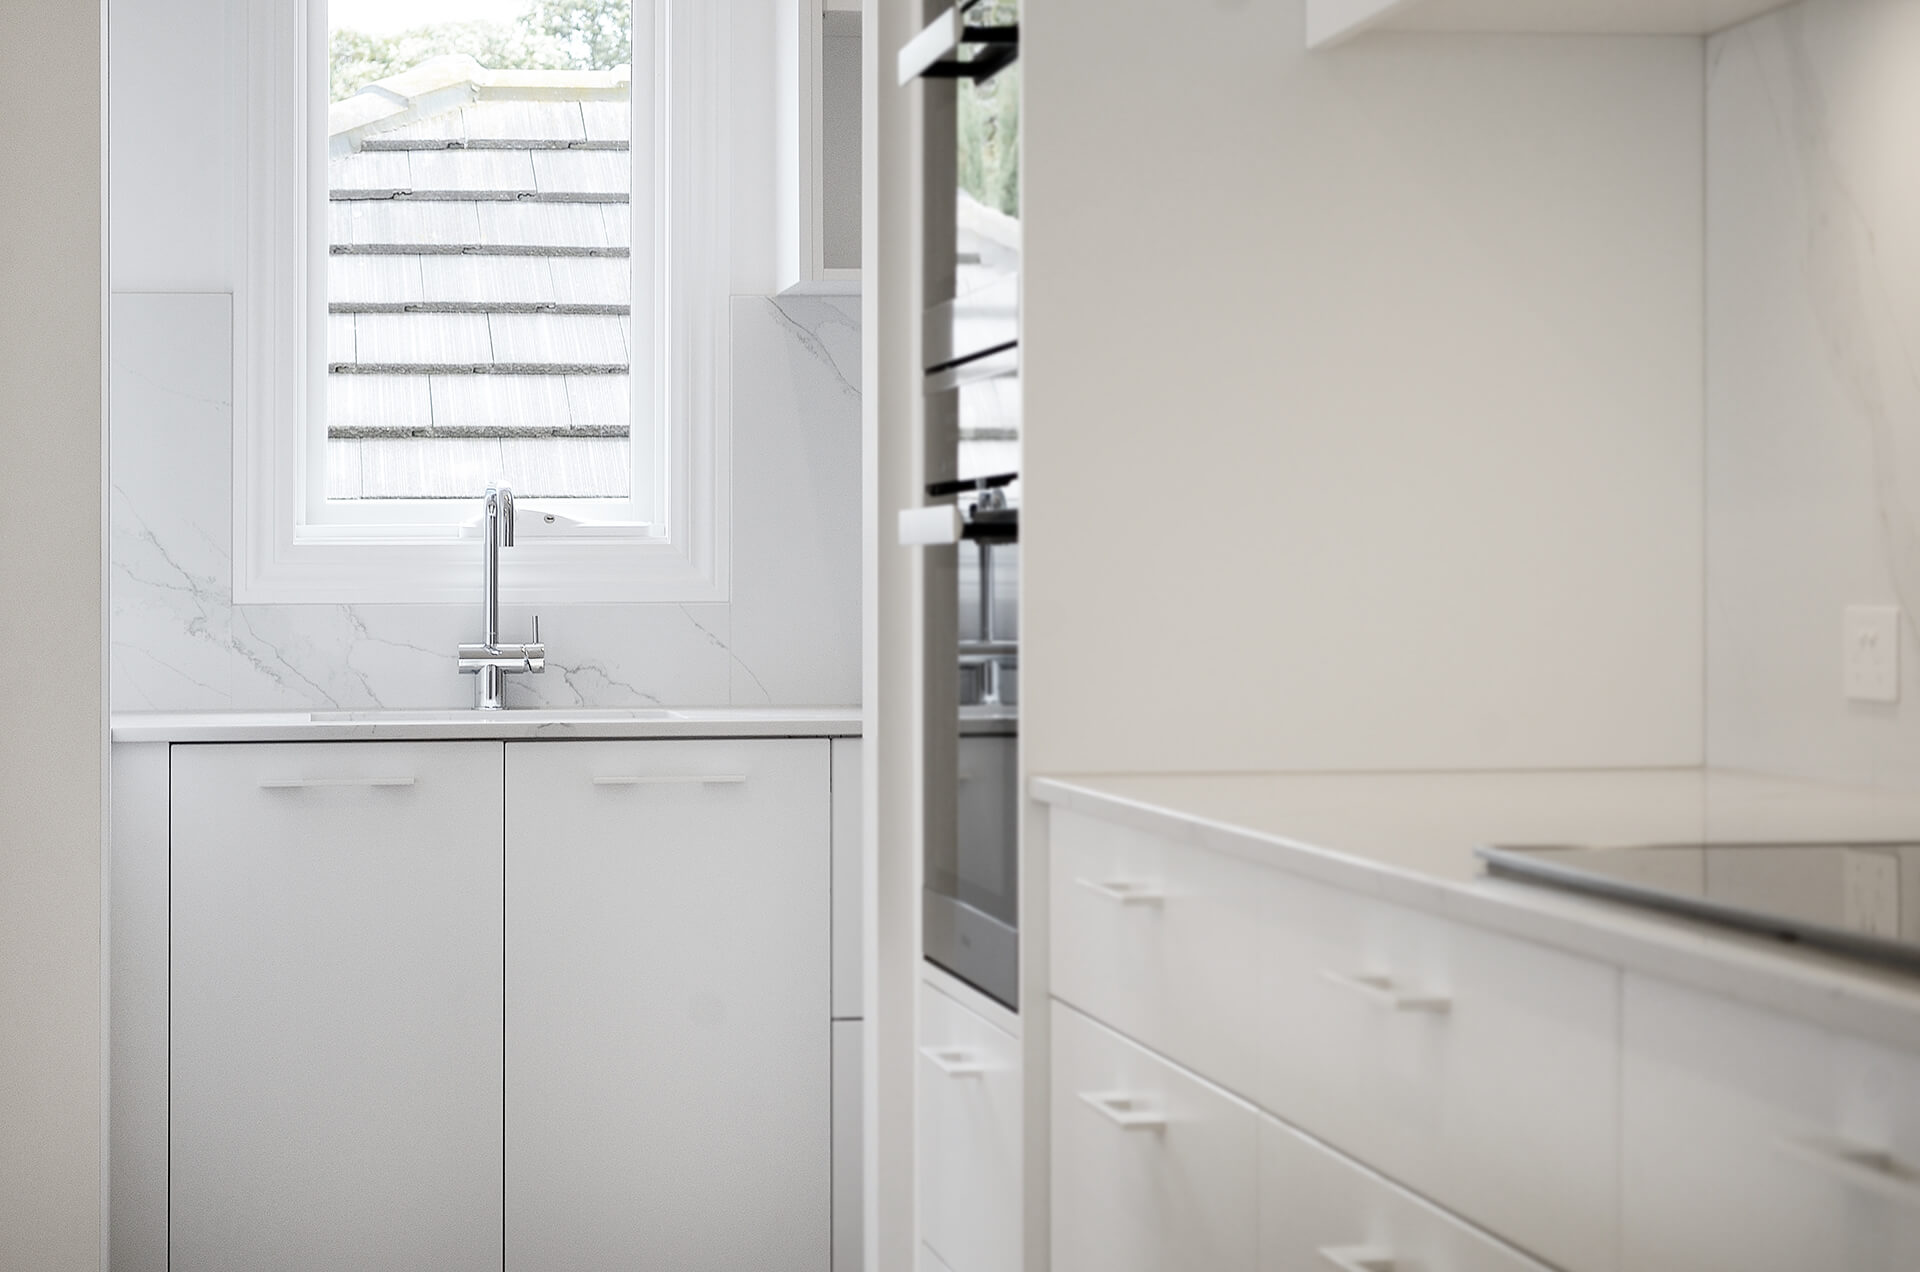 butler pantry tap